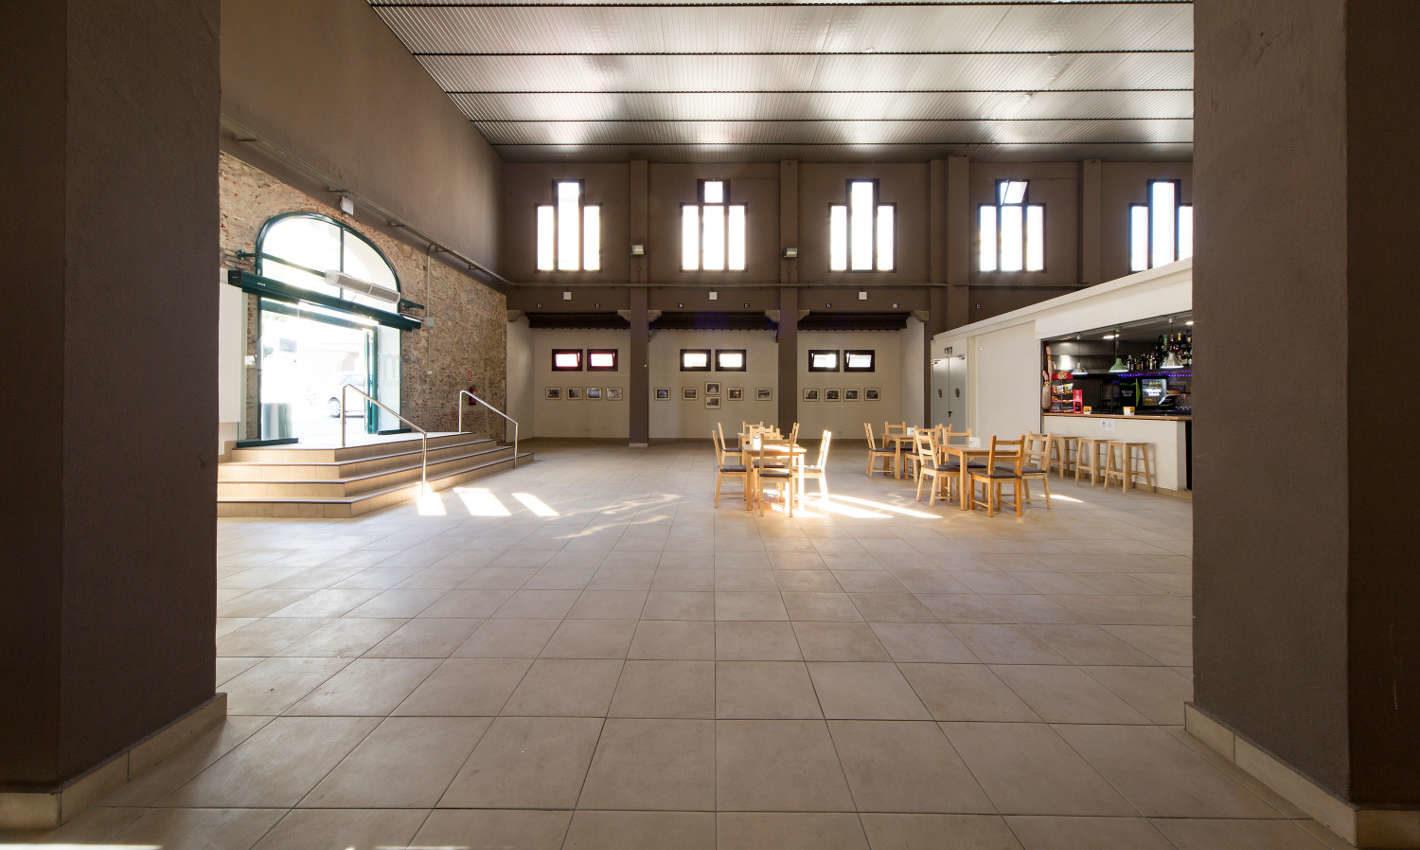 Sala Polivalent Espai Mercat de Calella